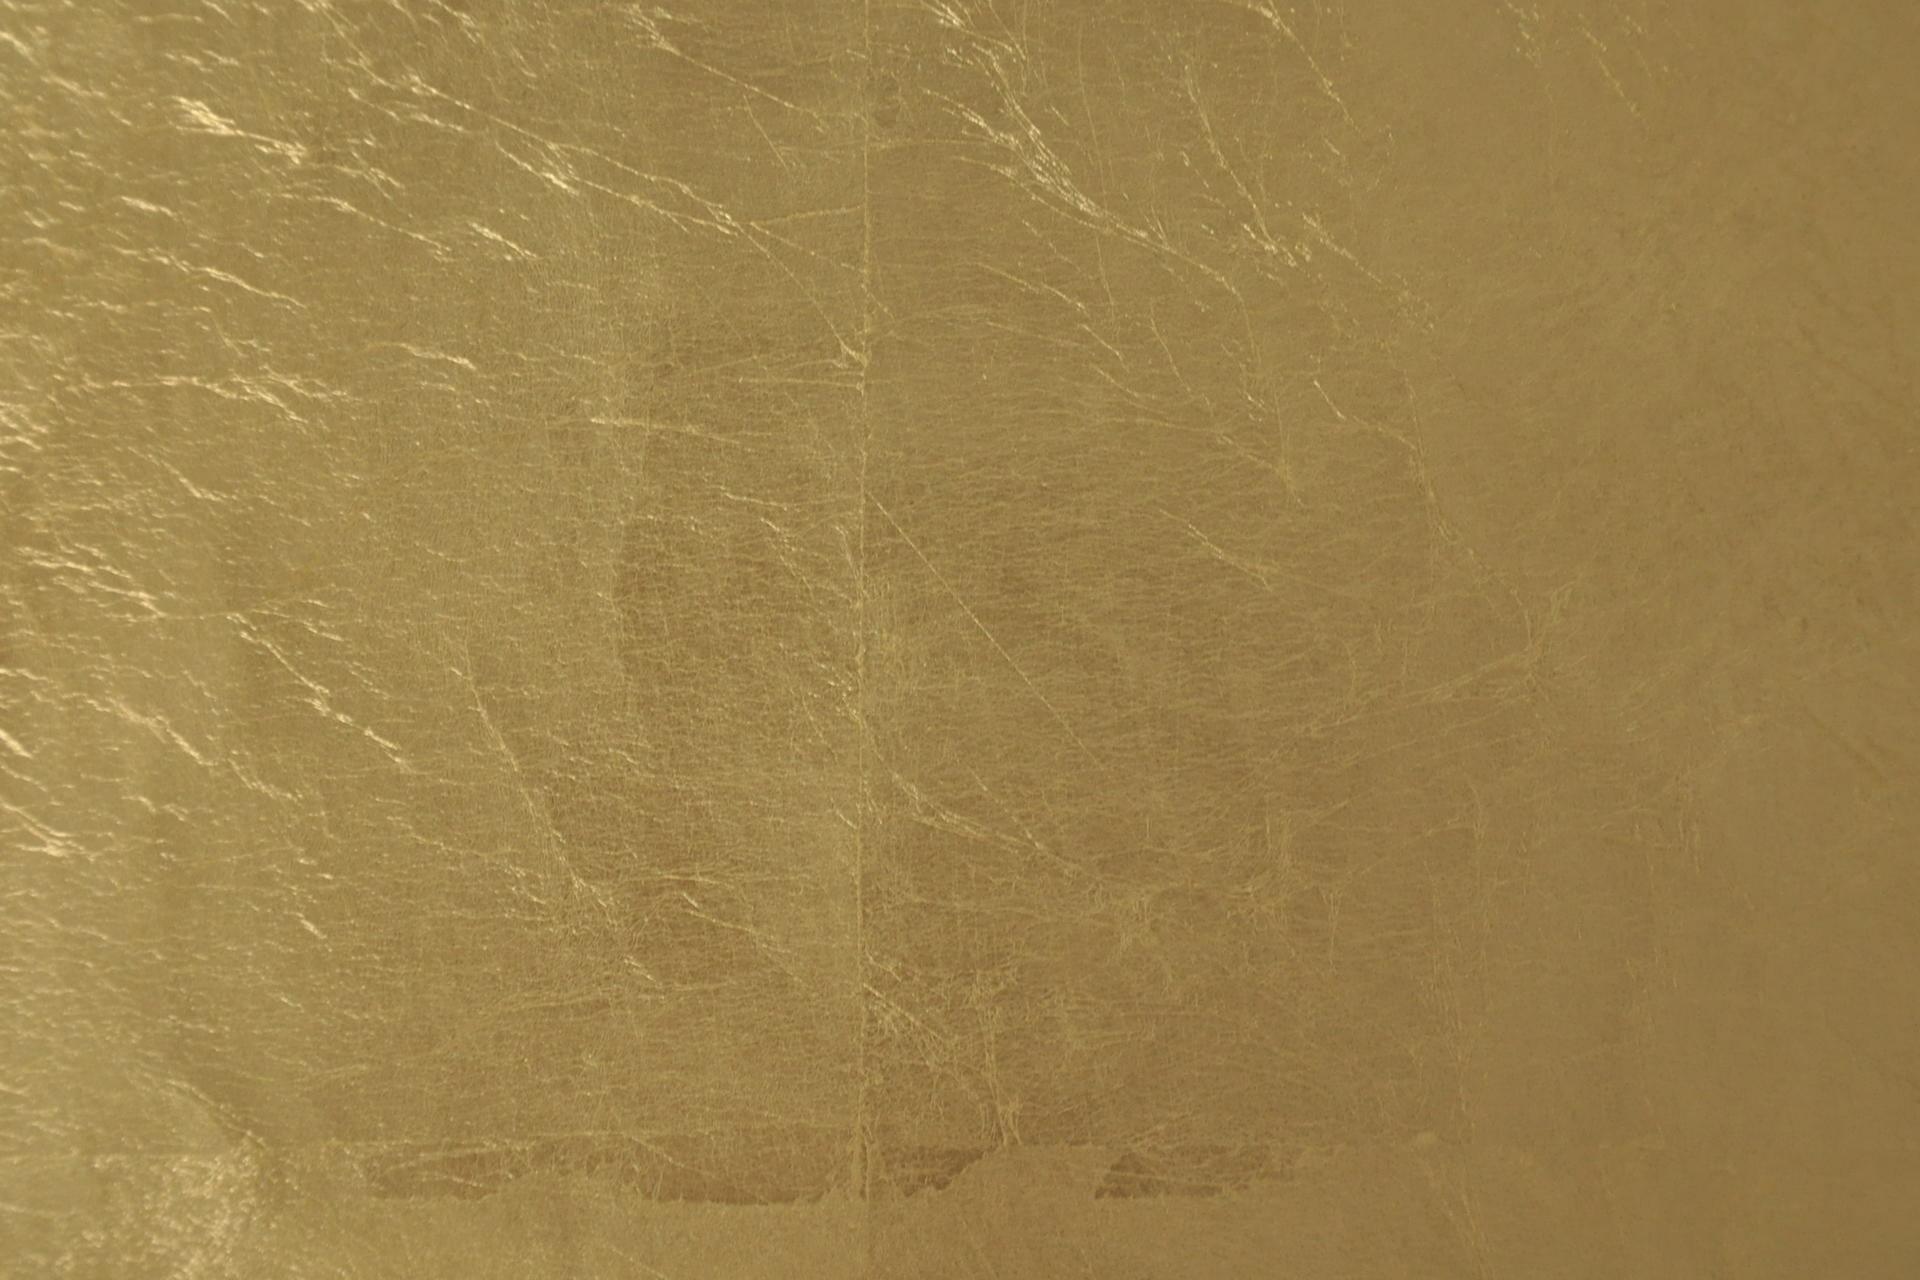 Gold Foil Wallpaper 49 Images